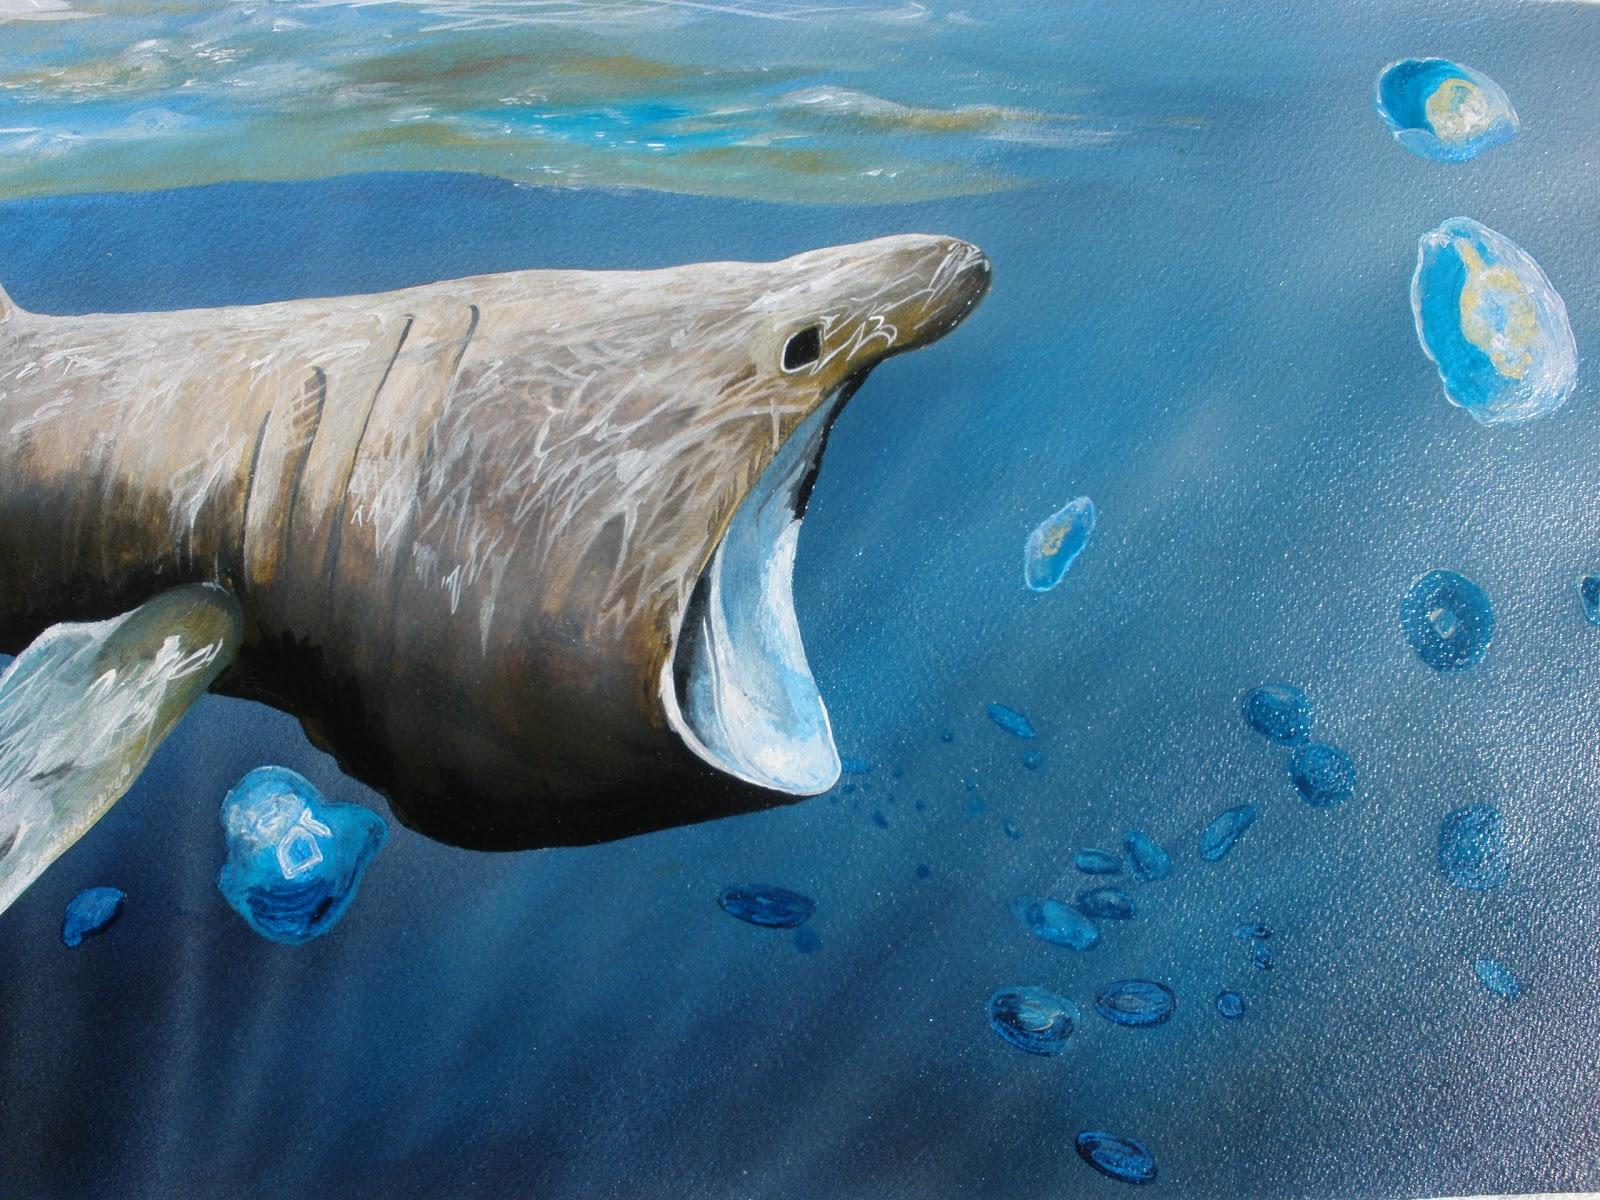 Dunford's Art Studio: Basking Shark